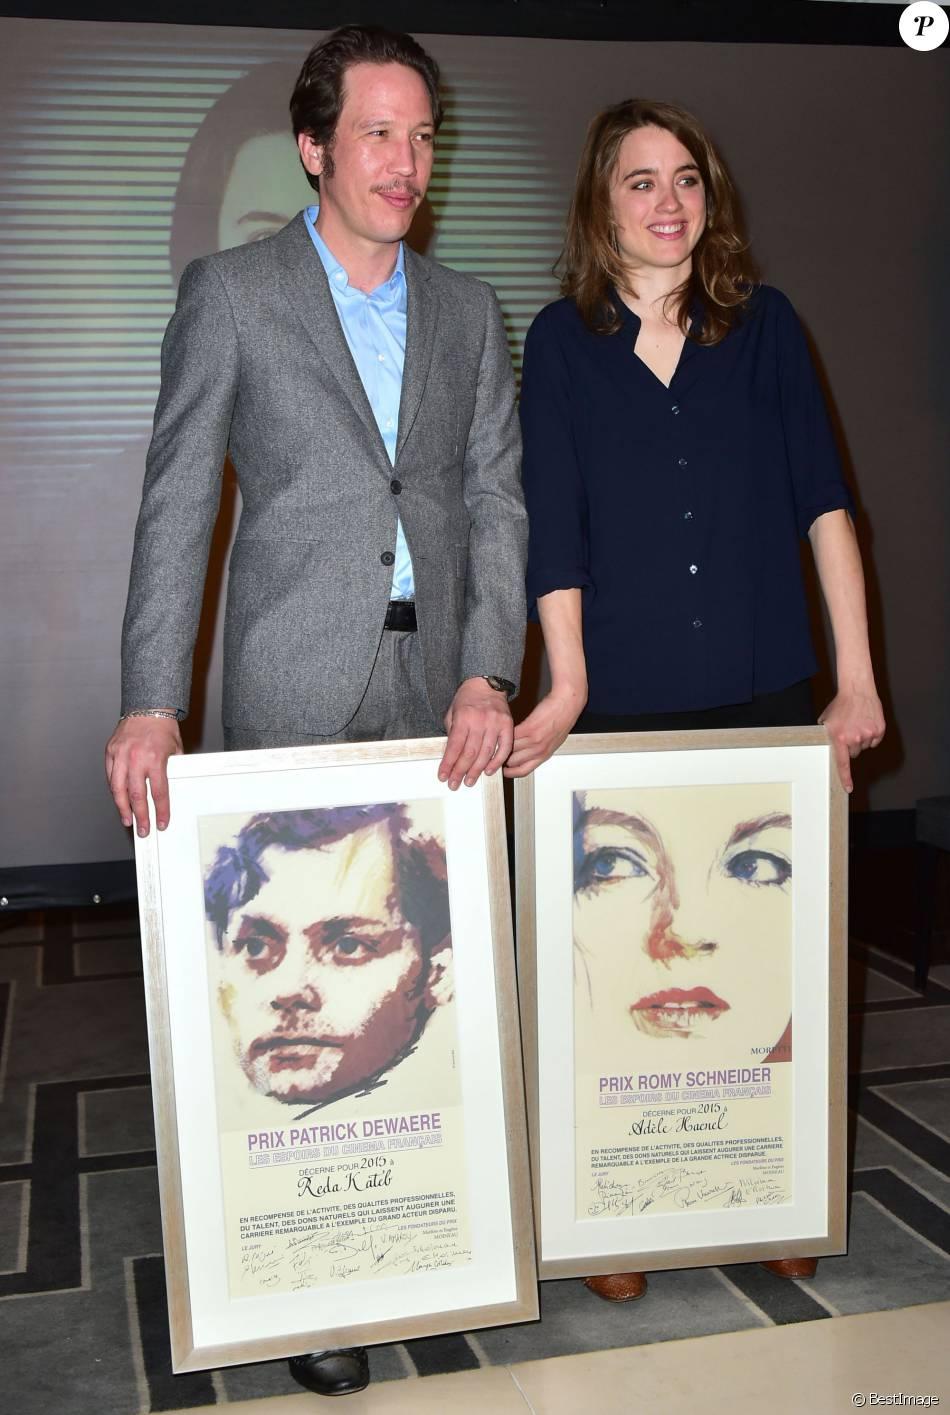 Reda Kateb (gagnant du Prix Patrick Dewaere 2015) et Adèle Haenel (gagnante du Prix Romy Schneider 2015) - 34e édition des Prix Romy Schneider et Patrick Dewaere au Sofitel Paris Le Faubourg à Paris, le 13 avril 2015.